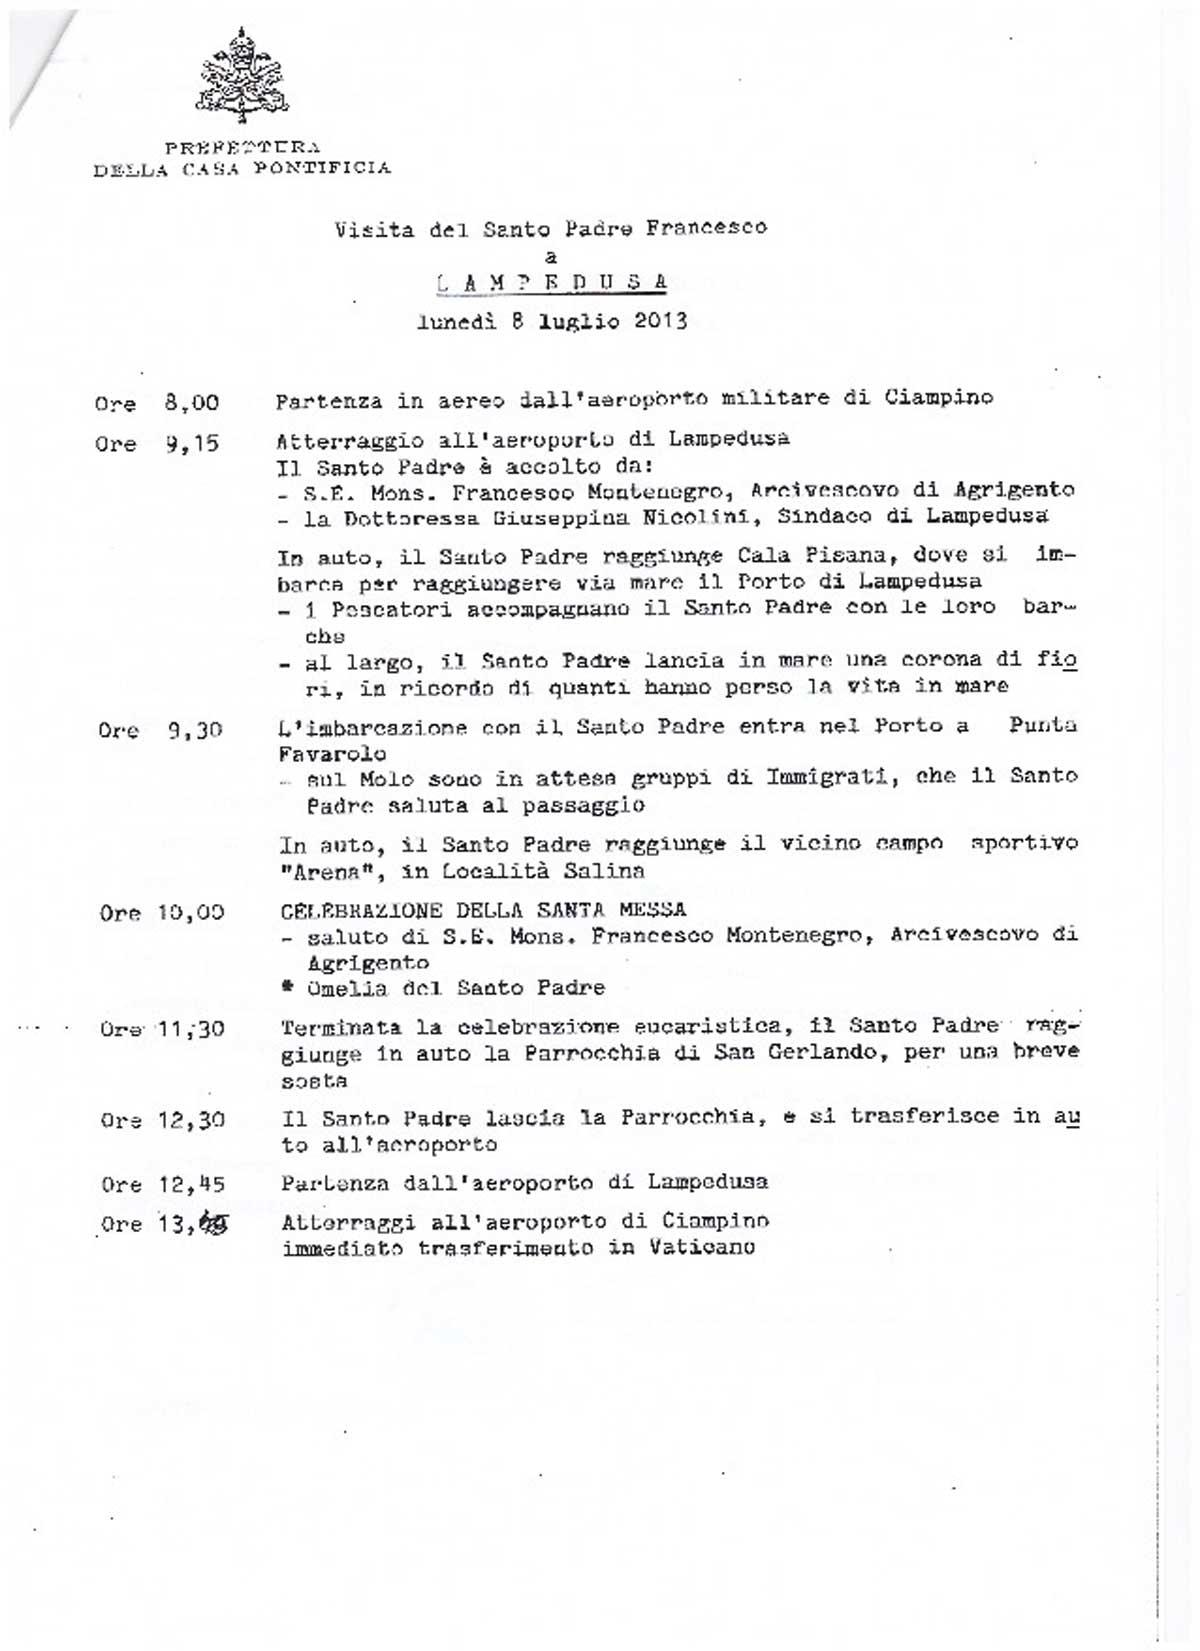 La visita l 39 annuncio a sorpresa luned il papa sar a for Pdf del programma della casa